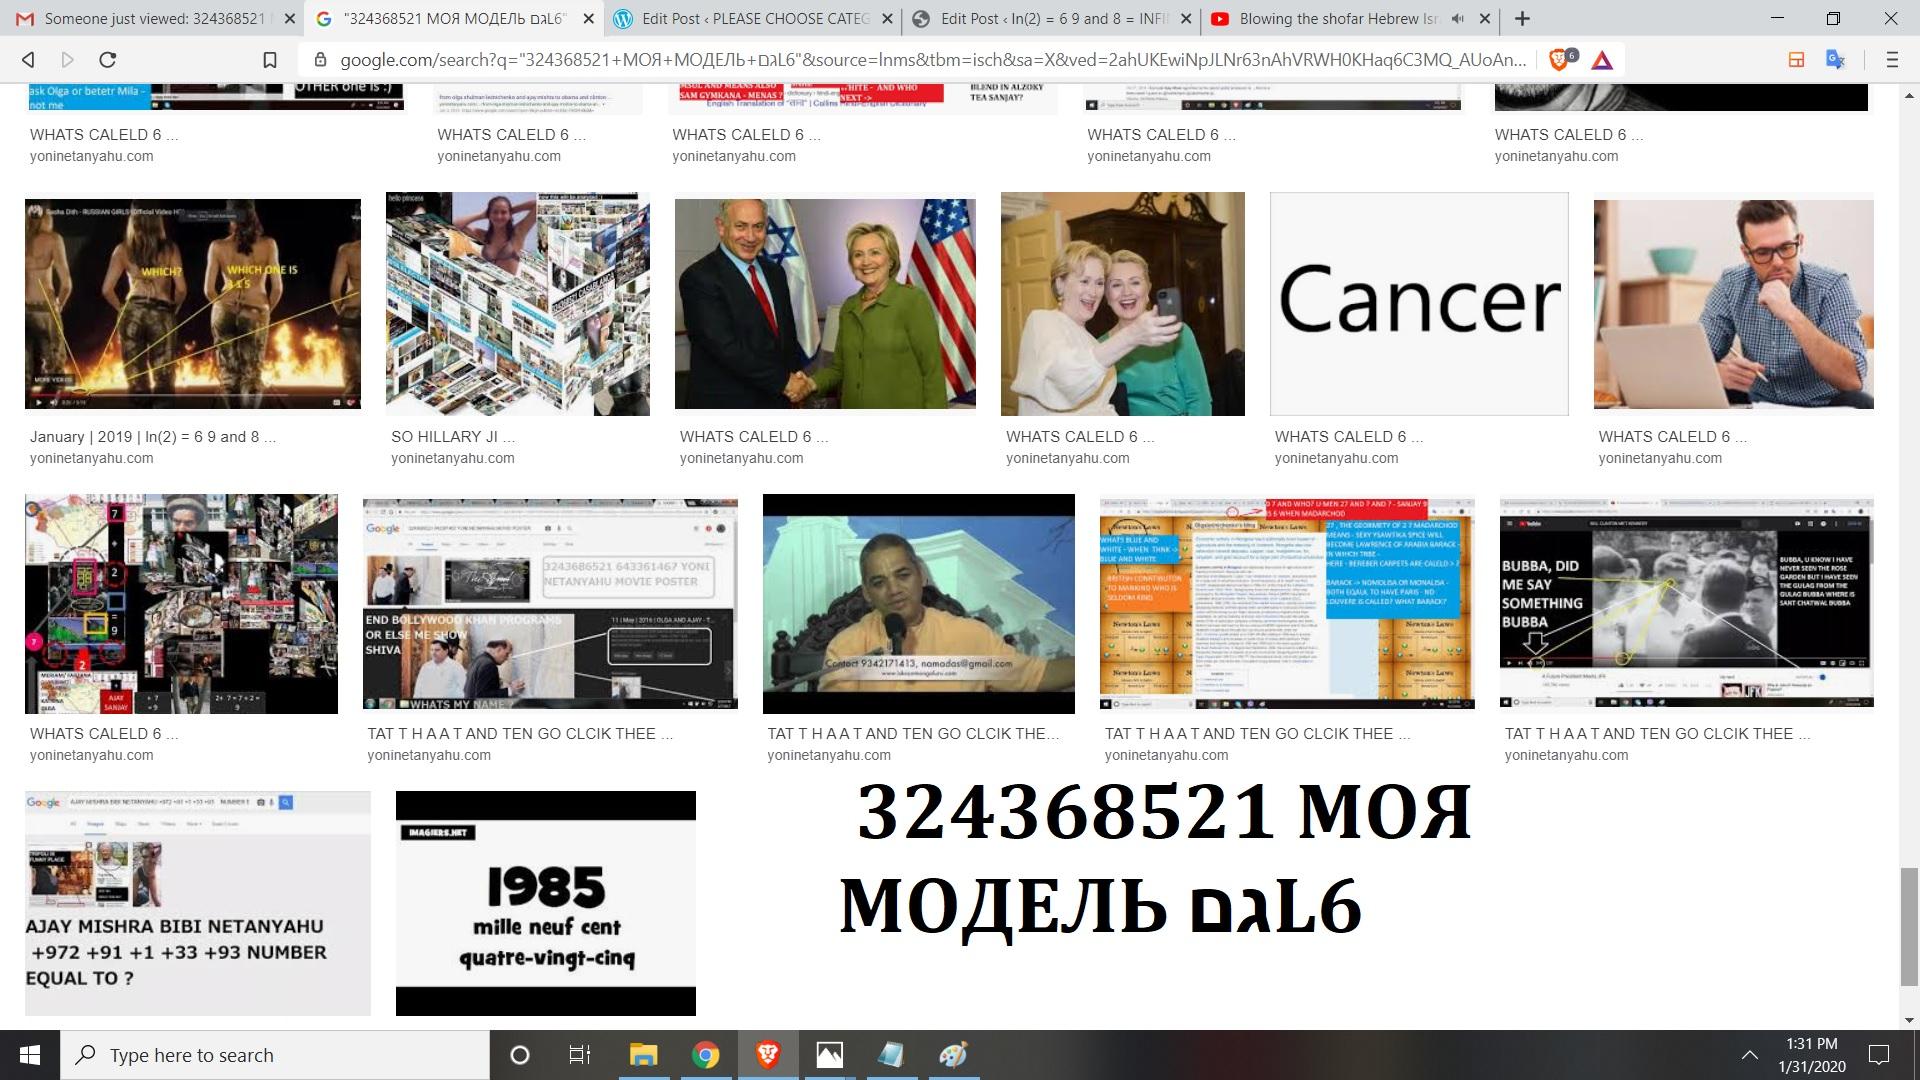 324368521 МОЯ МОДЕЛЬ גםL6